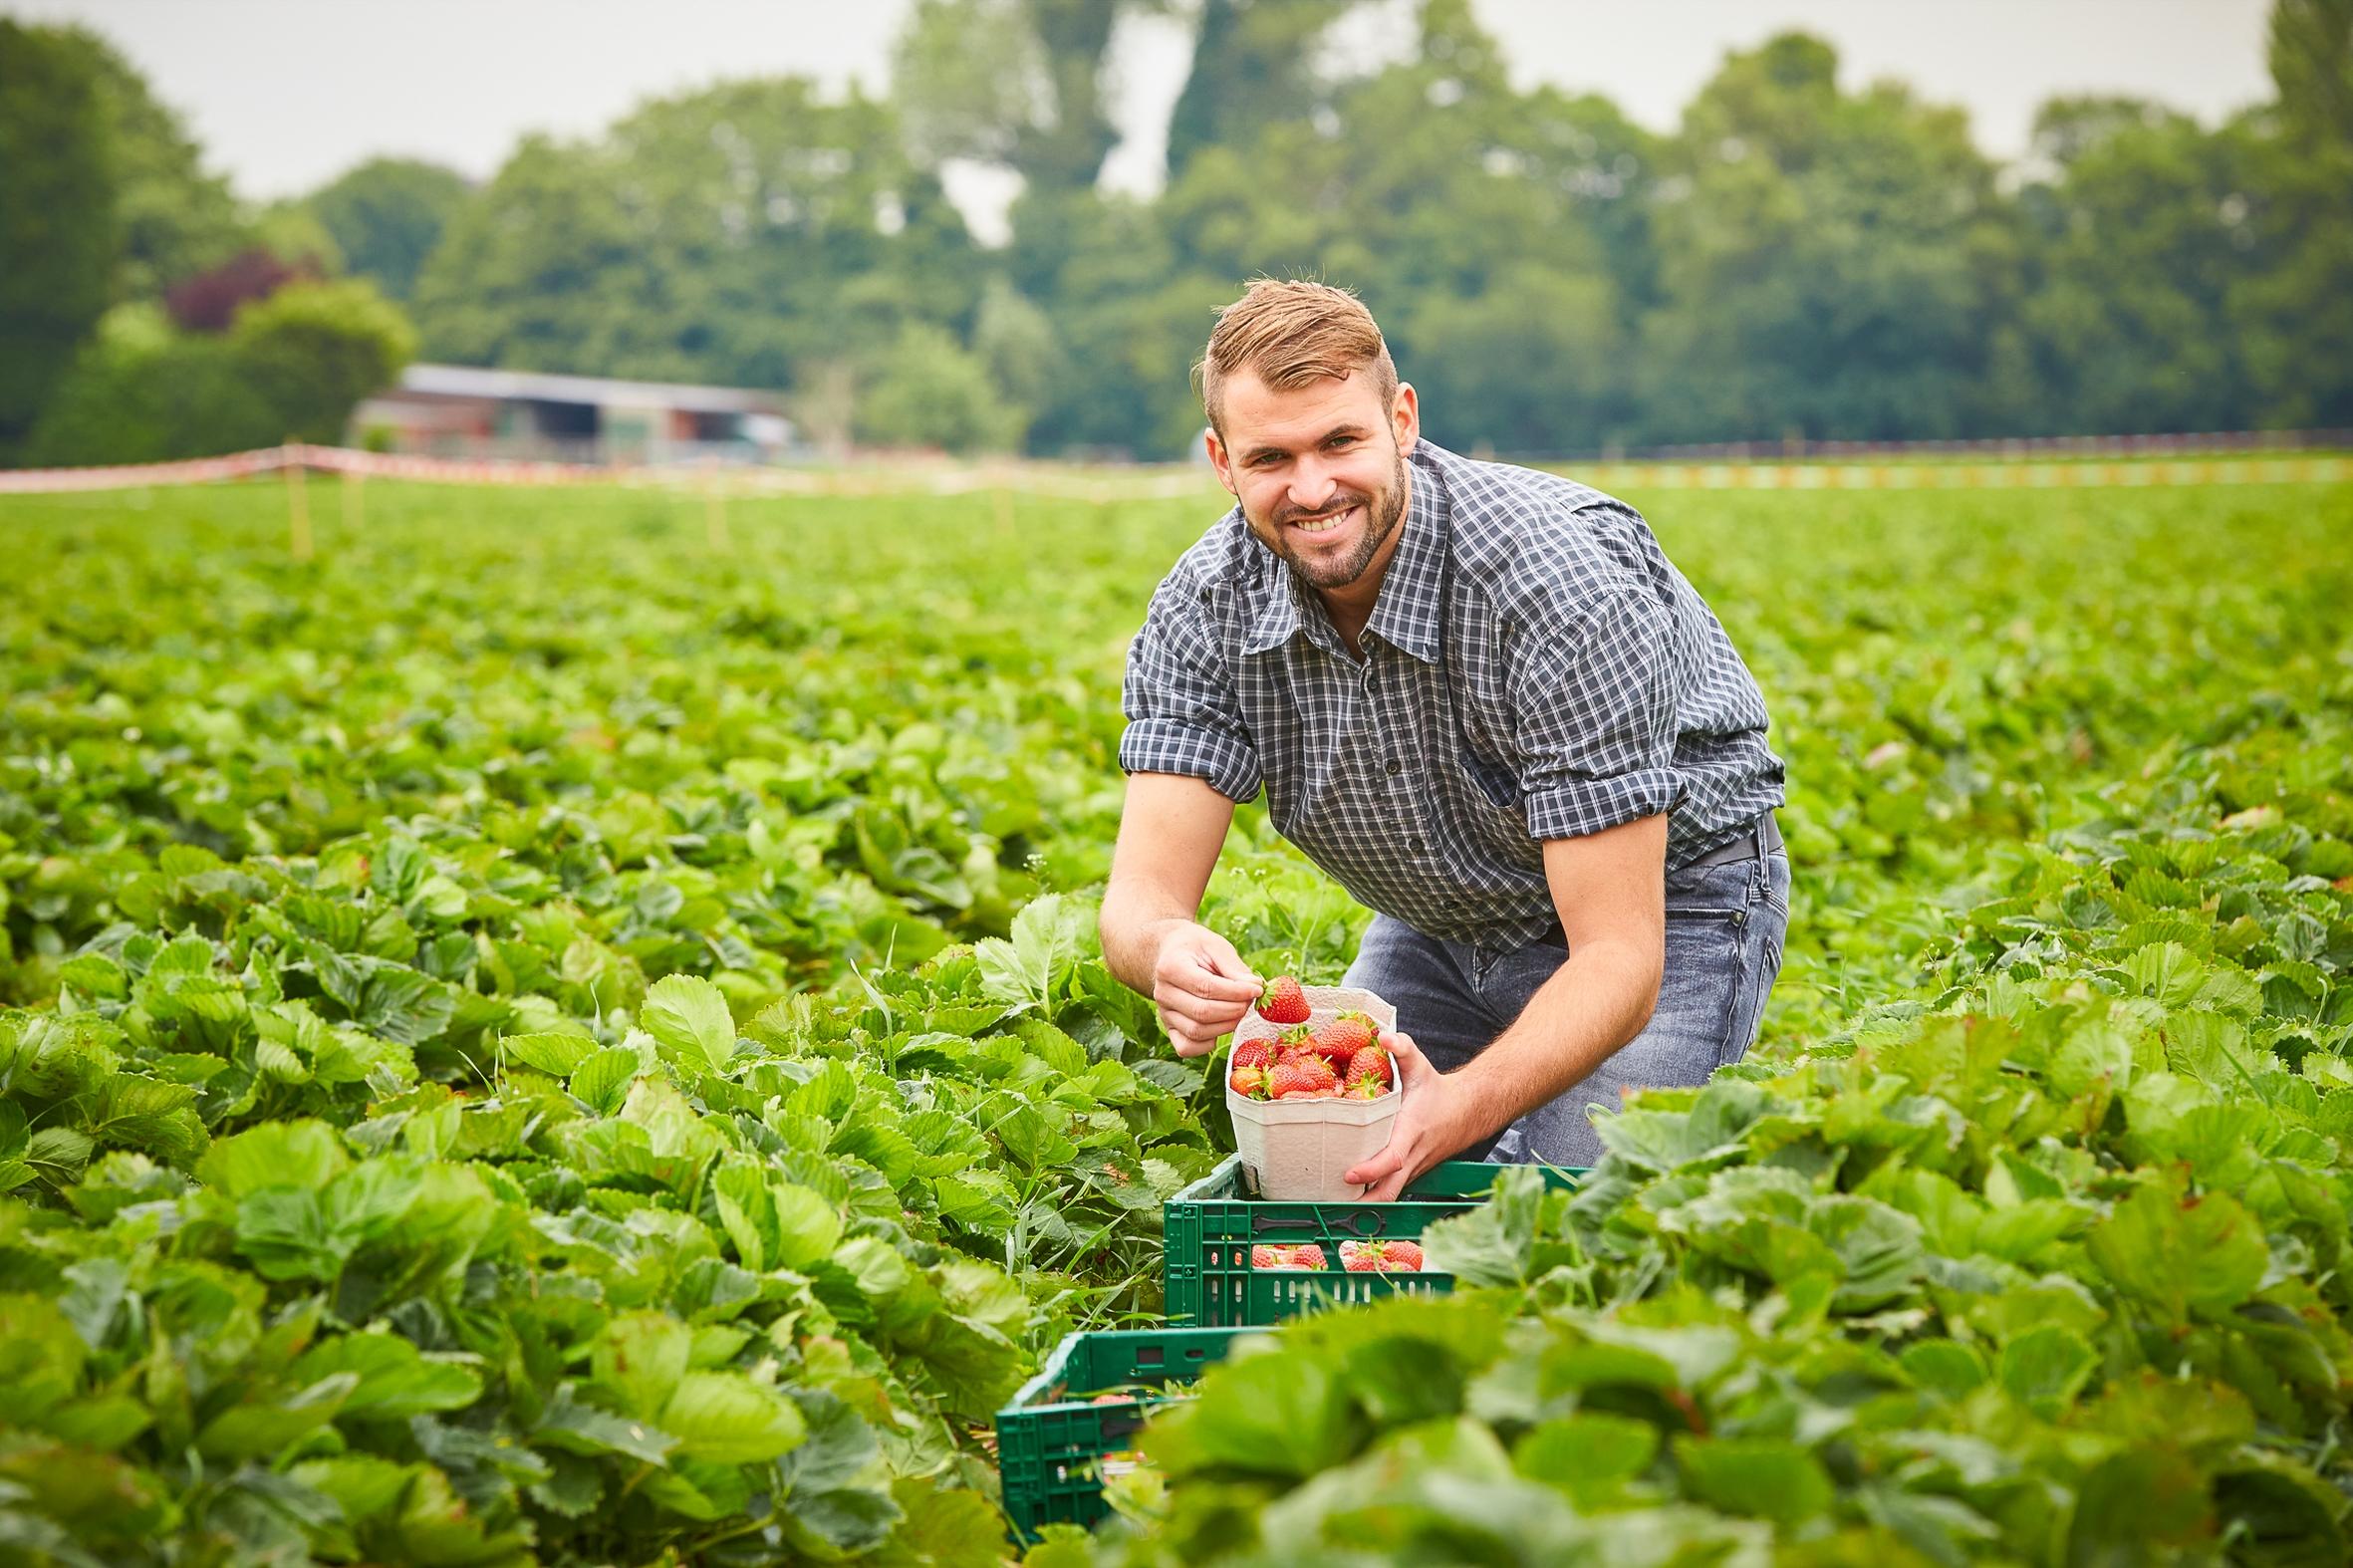 Lecker und sehr gesund: Erdbeeren sind ein Volltreffer der Natur